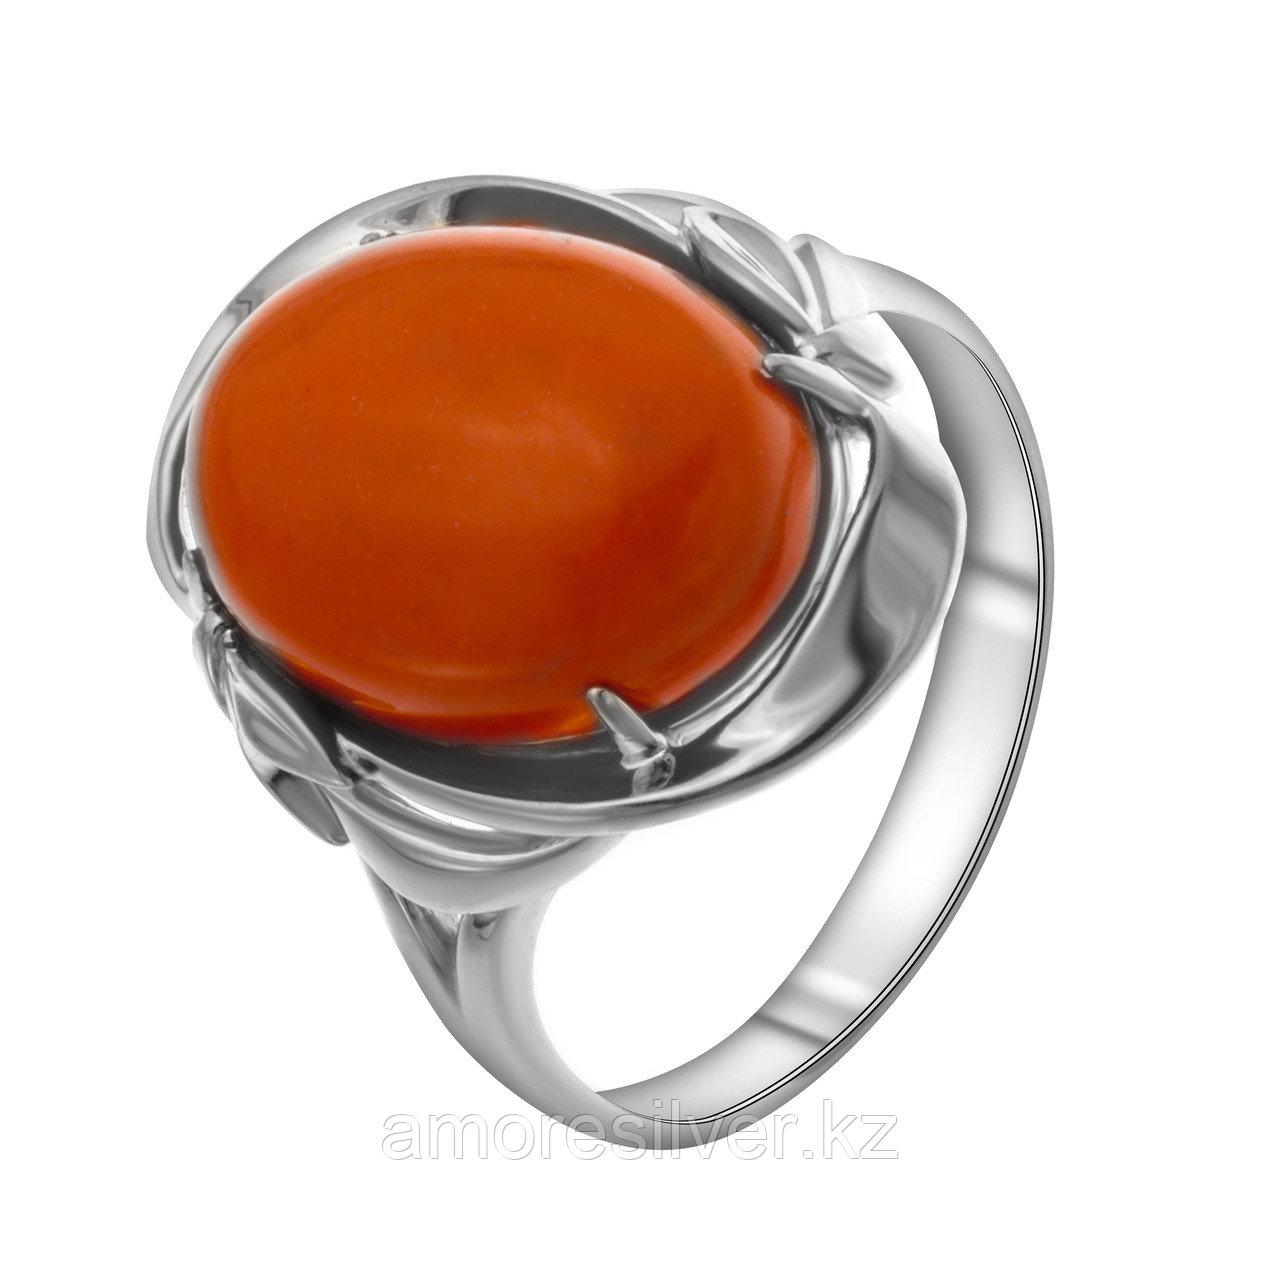 Кольцо  серебро с родием, бирюза, овал 211569 размеры - 18